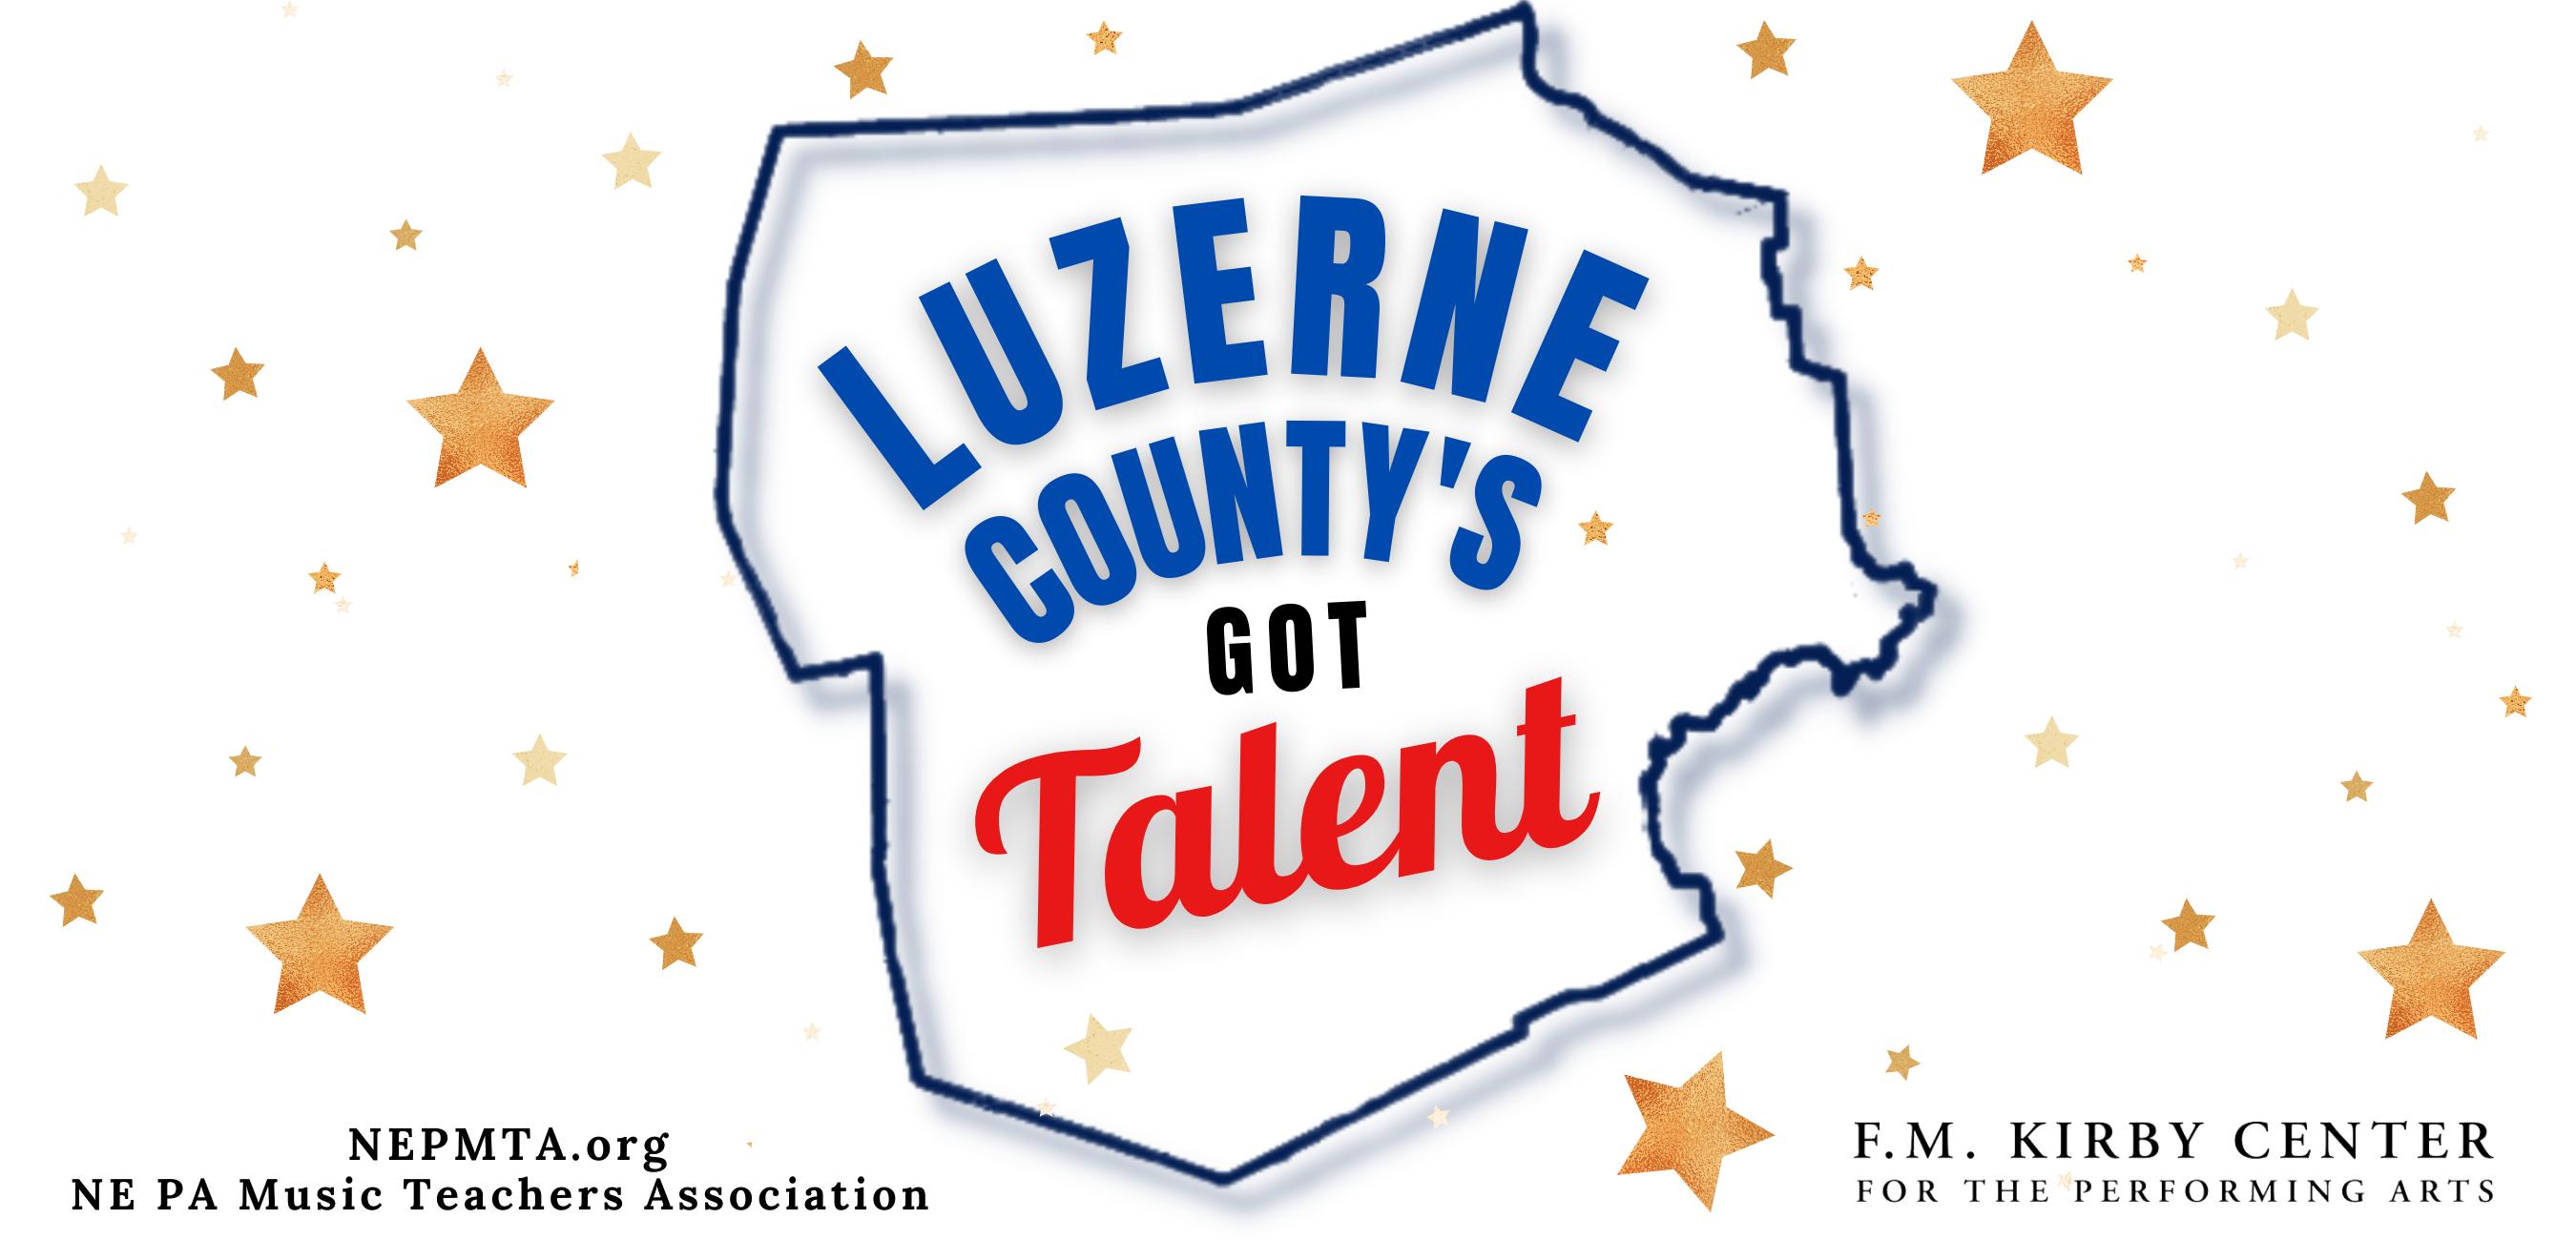 Luzerne County's Got Talent